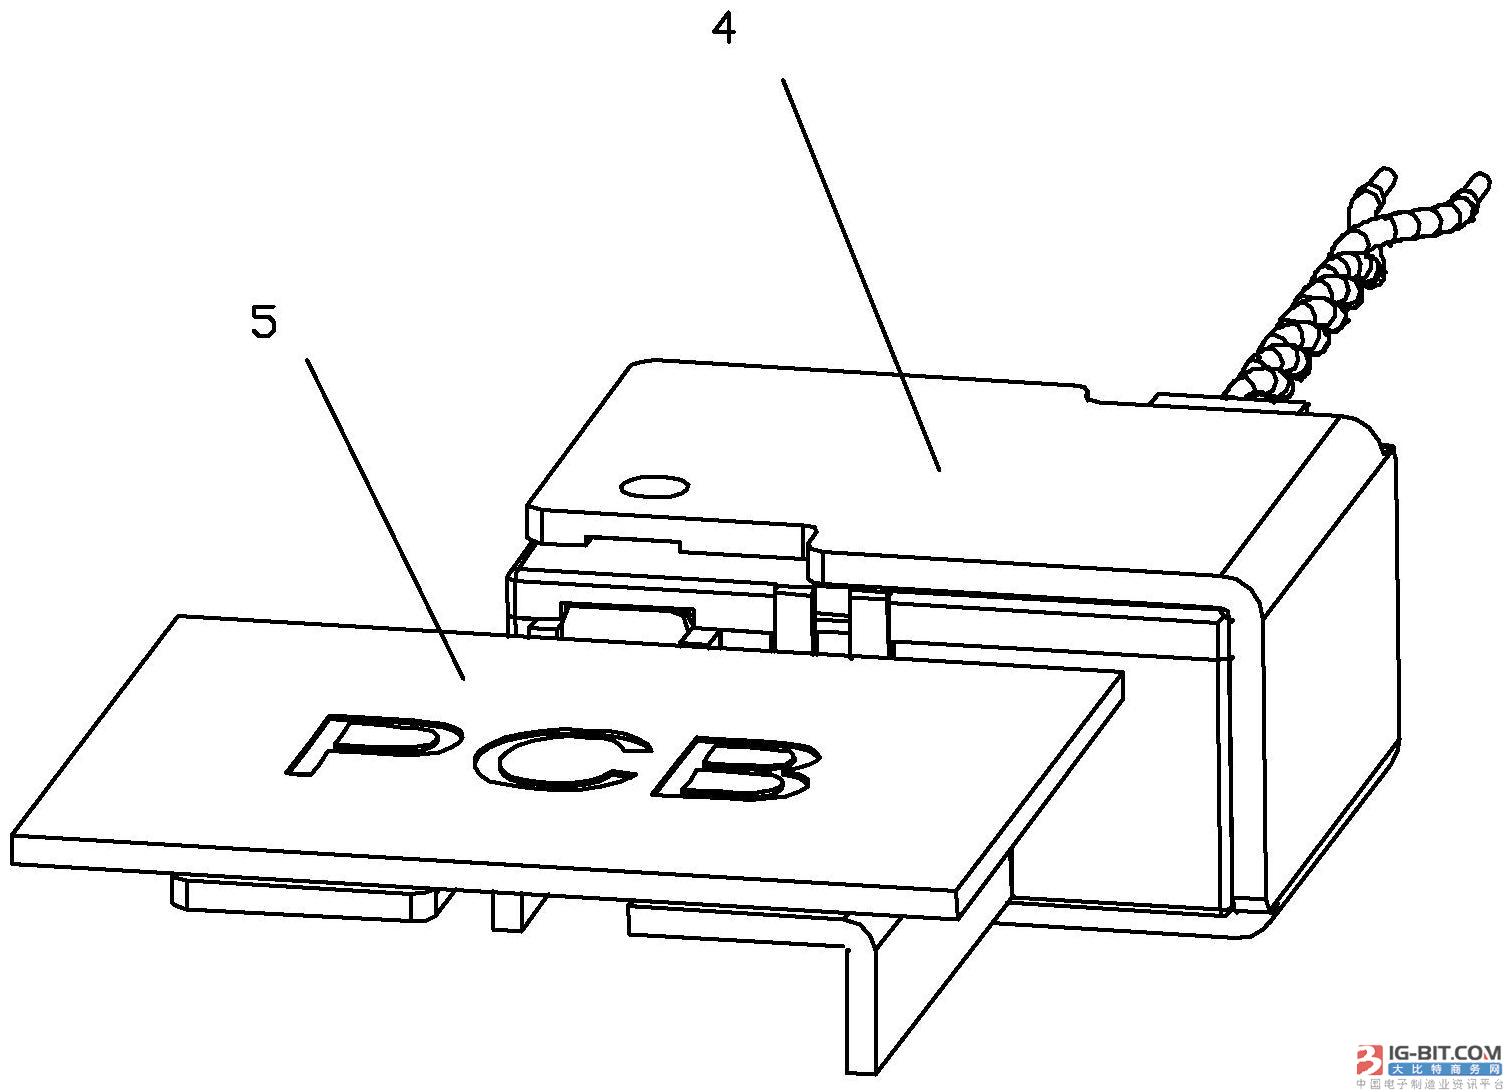 【仪表专利】一种分流片、继电器及电子式电能表